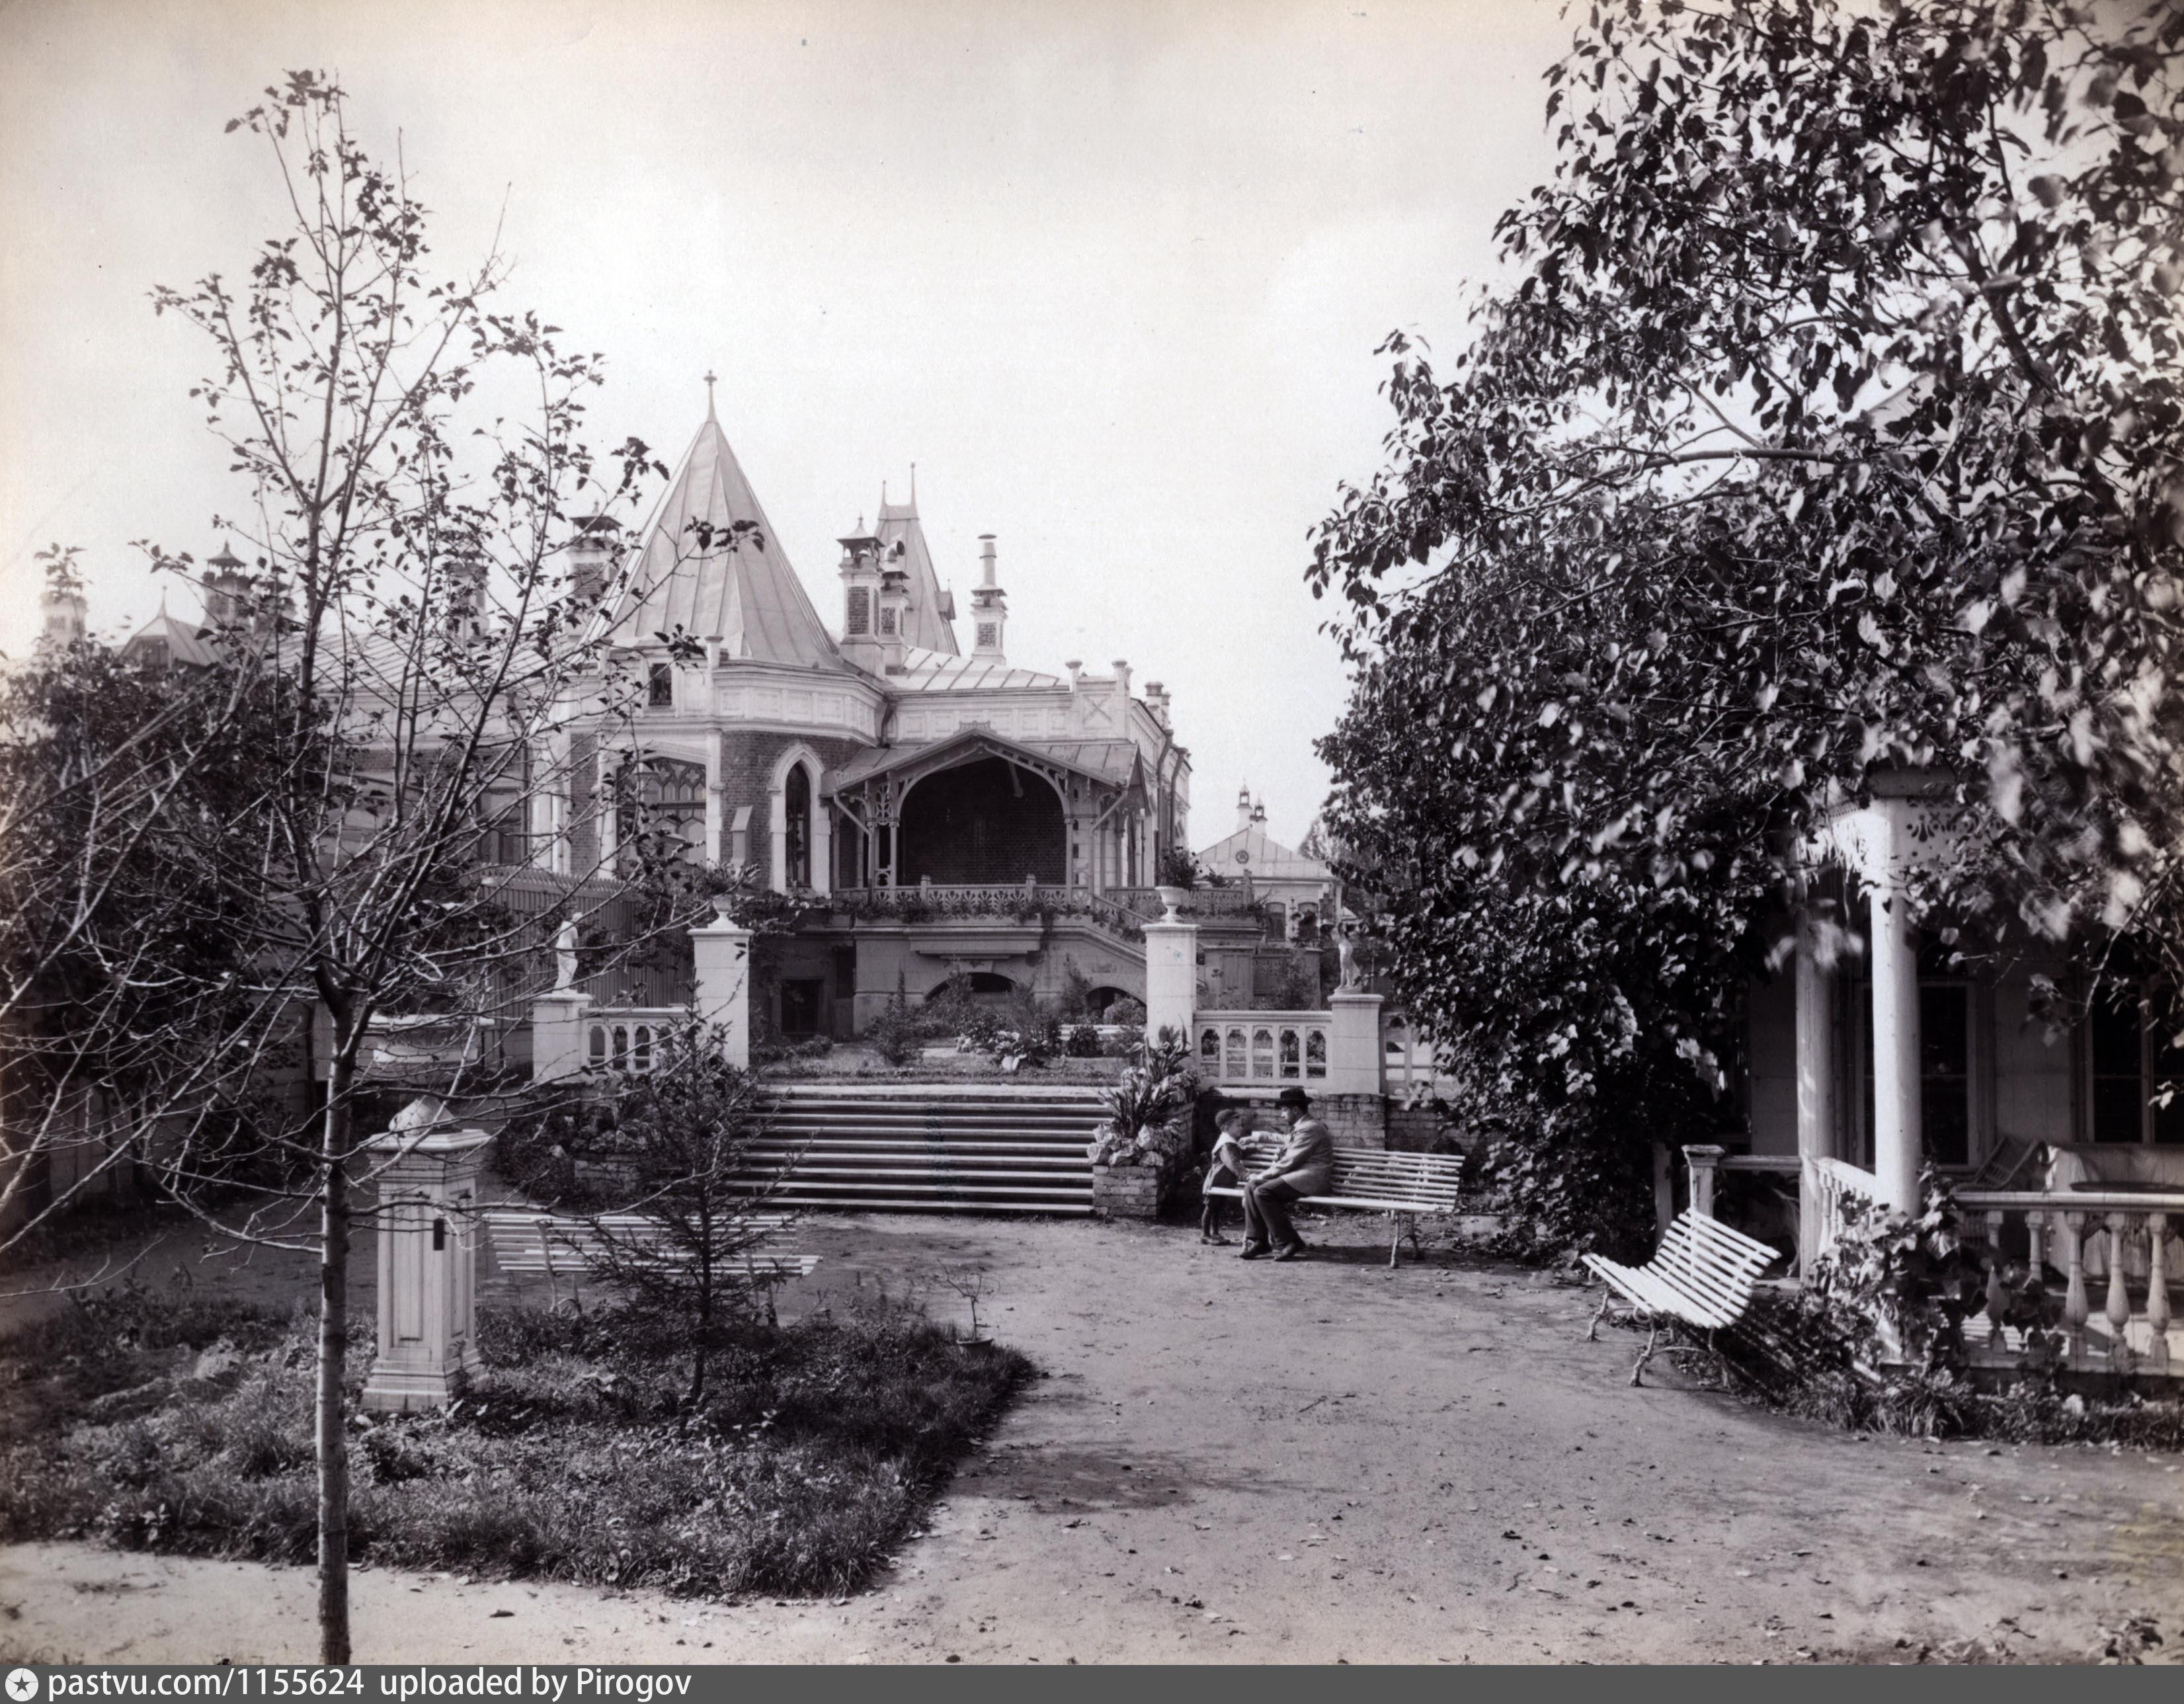 Архитектор Карл Гиппиус изначально устроил белокаменную открытую лестницу в итальянском стиле, плавно спускавшуюся в сад. Затем Бахрушины поняли, что в нашем климате это бессмысленная роскошь.